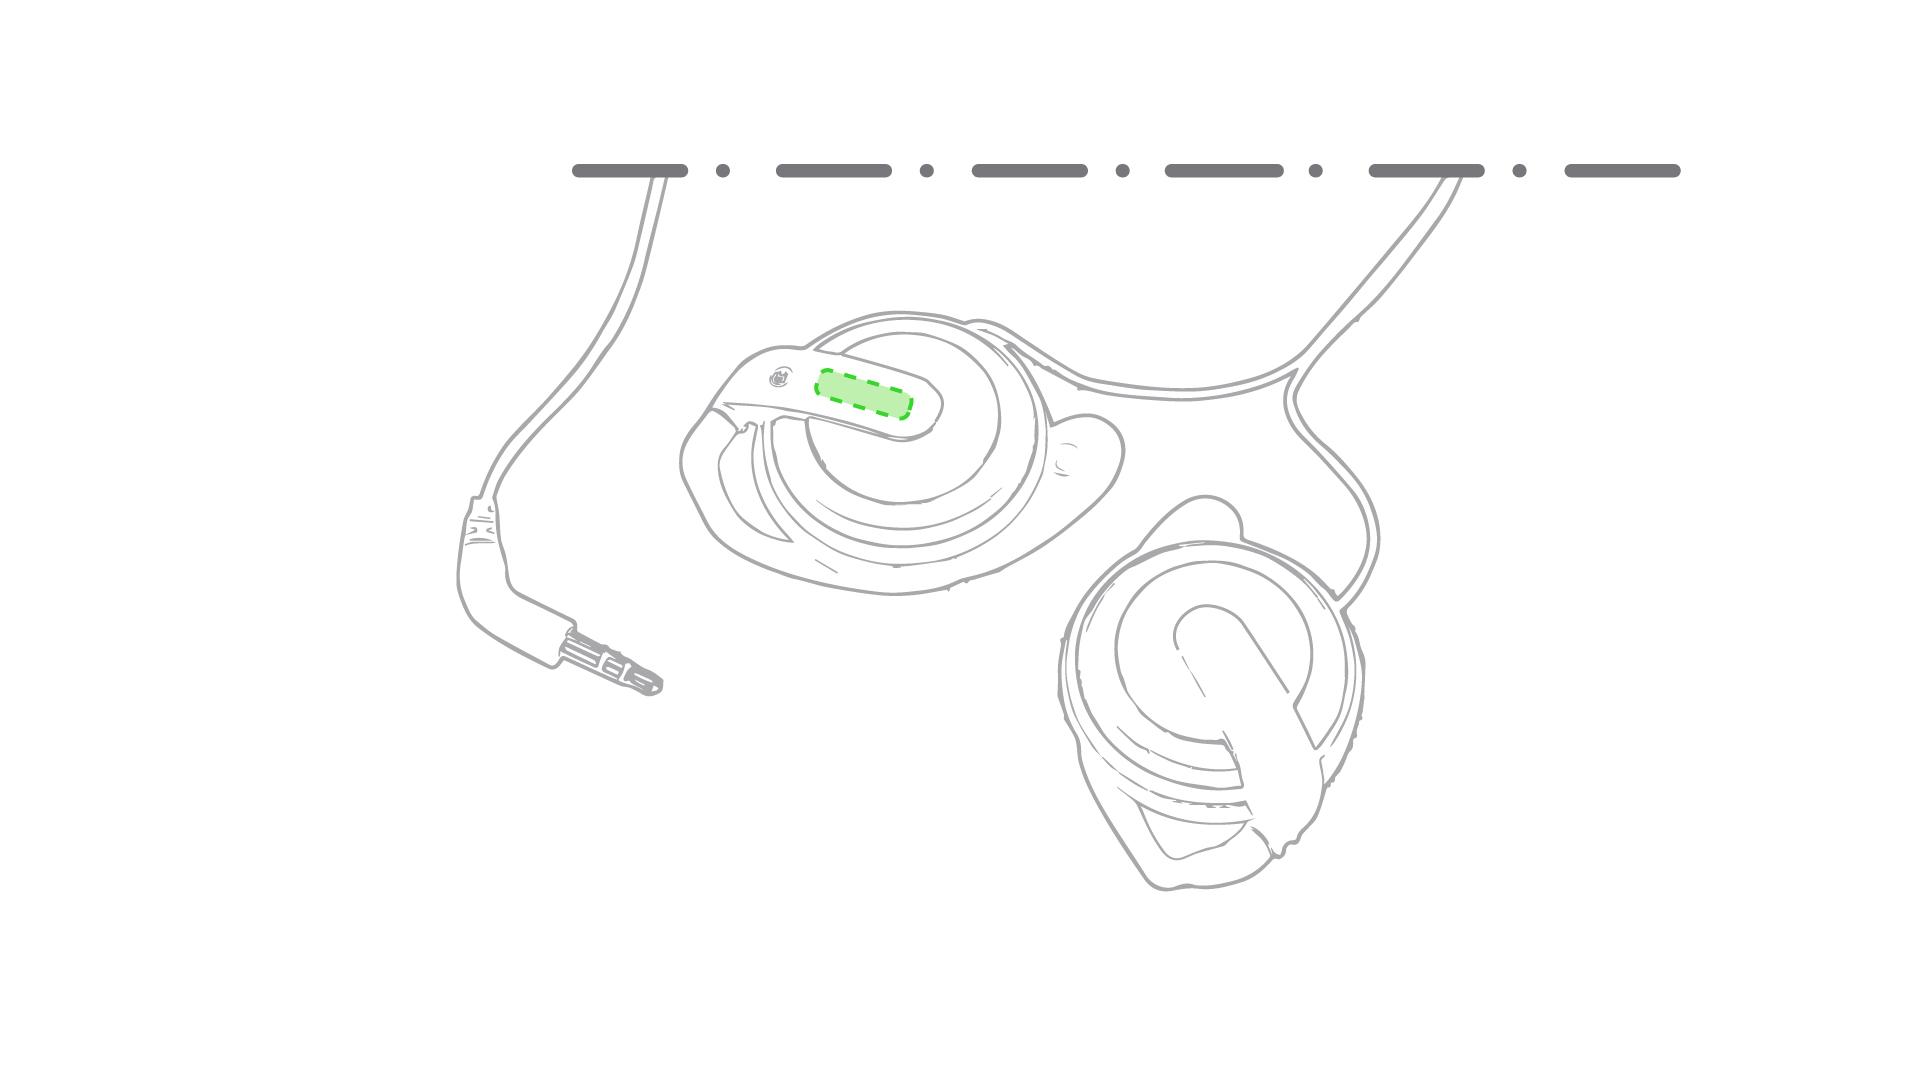 En la pestaña del auricular derecho